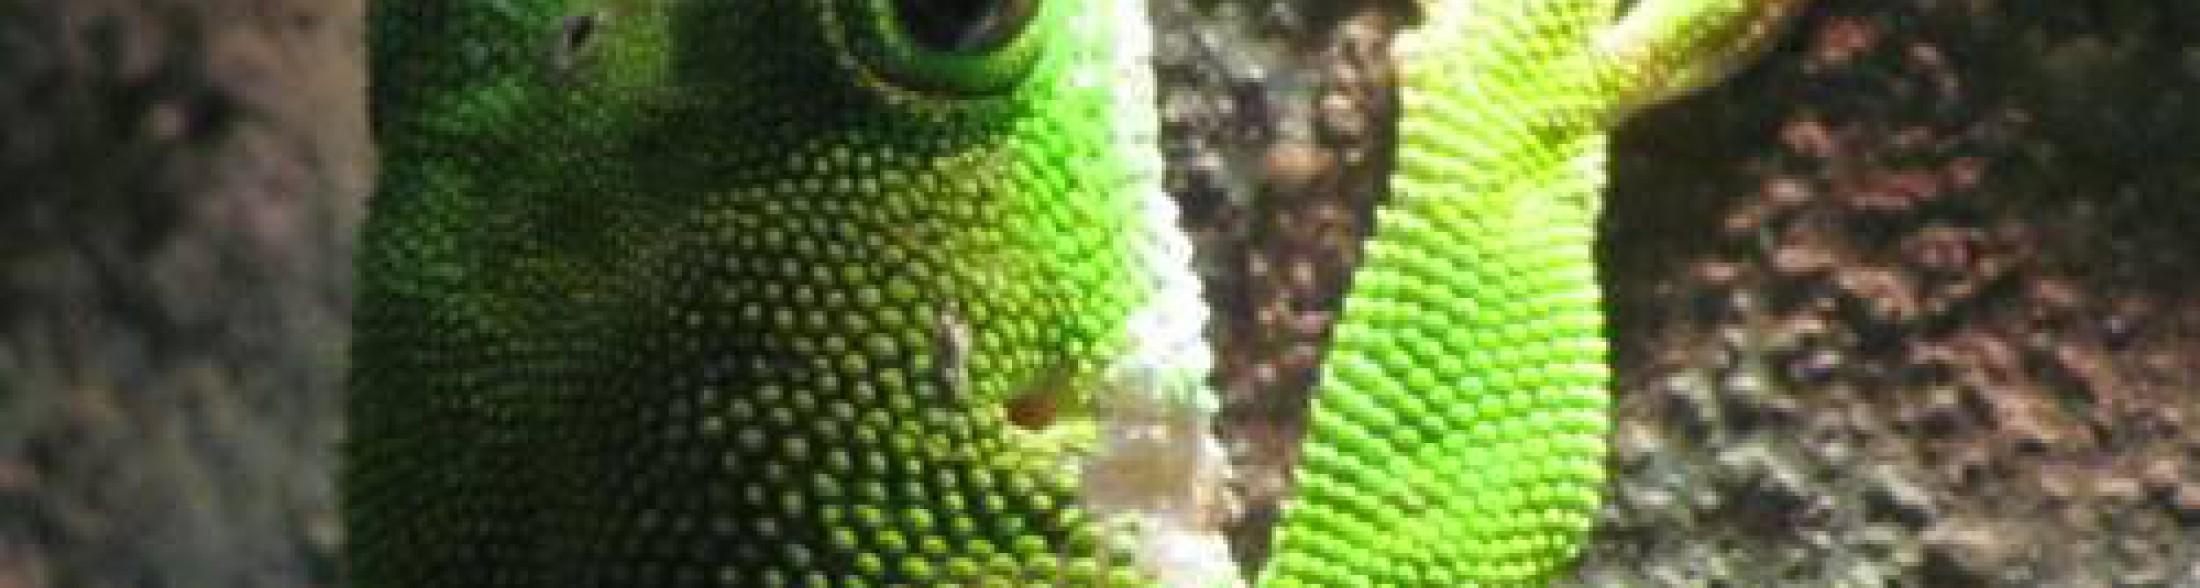 geco, un campione tra gli scalatori